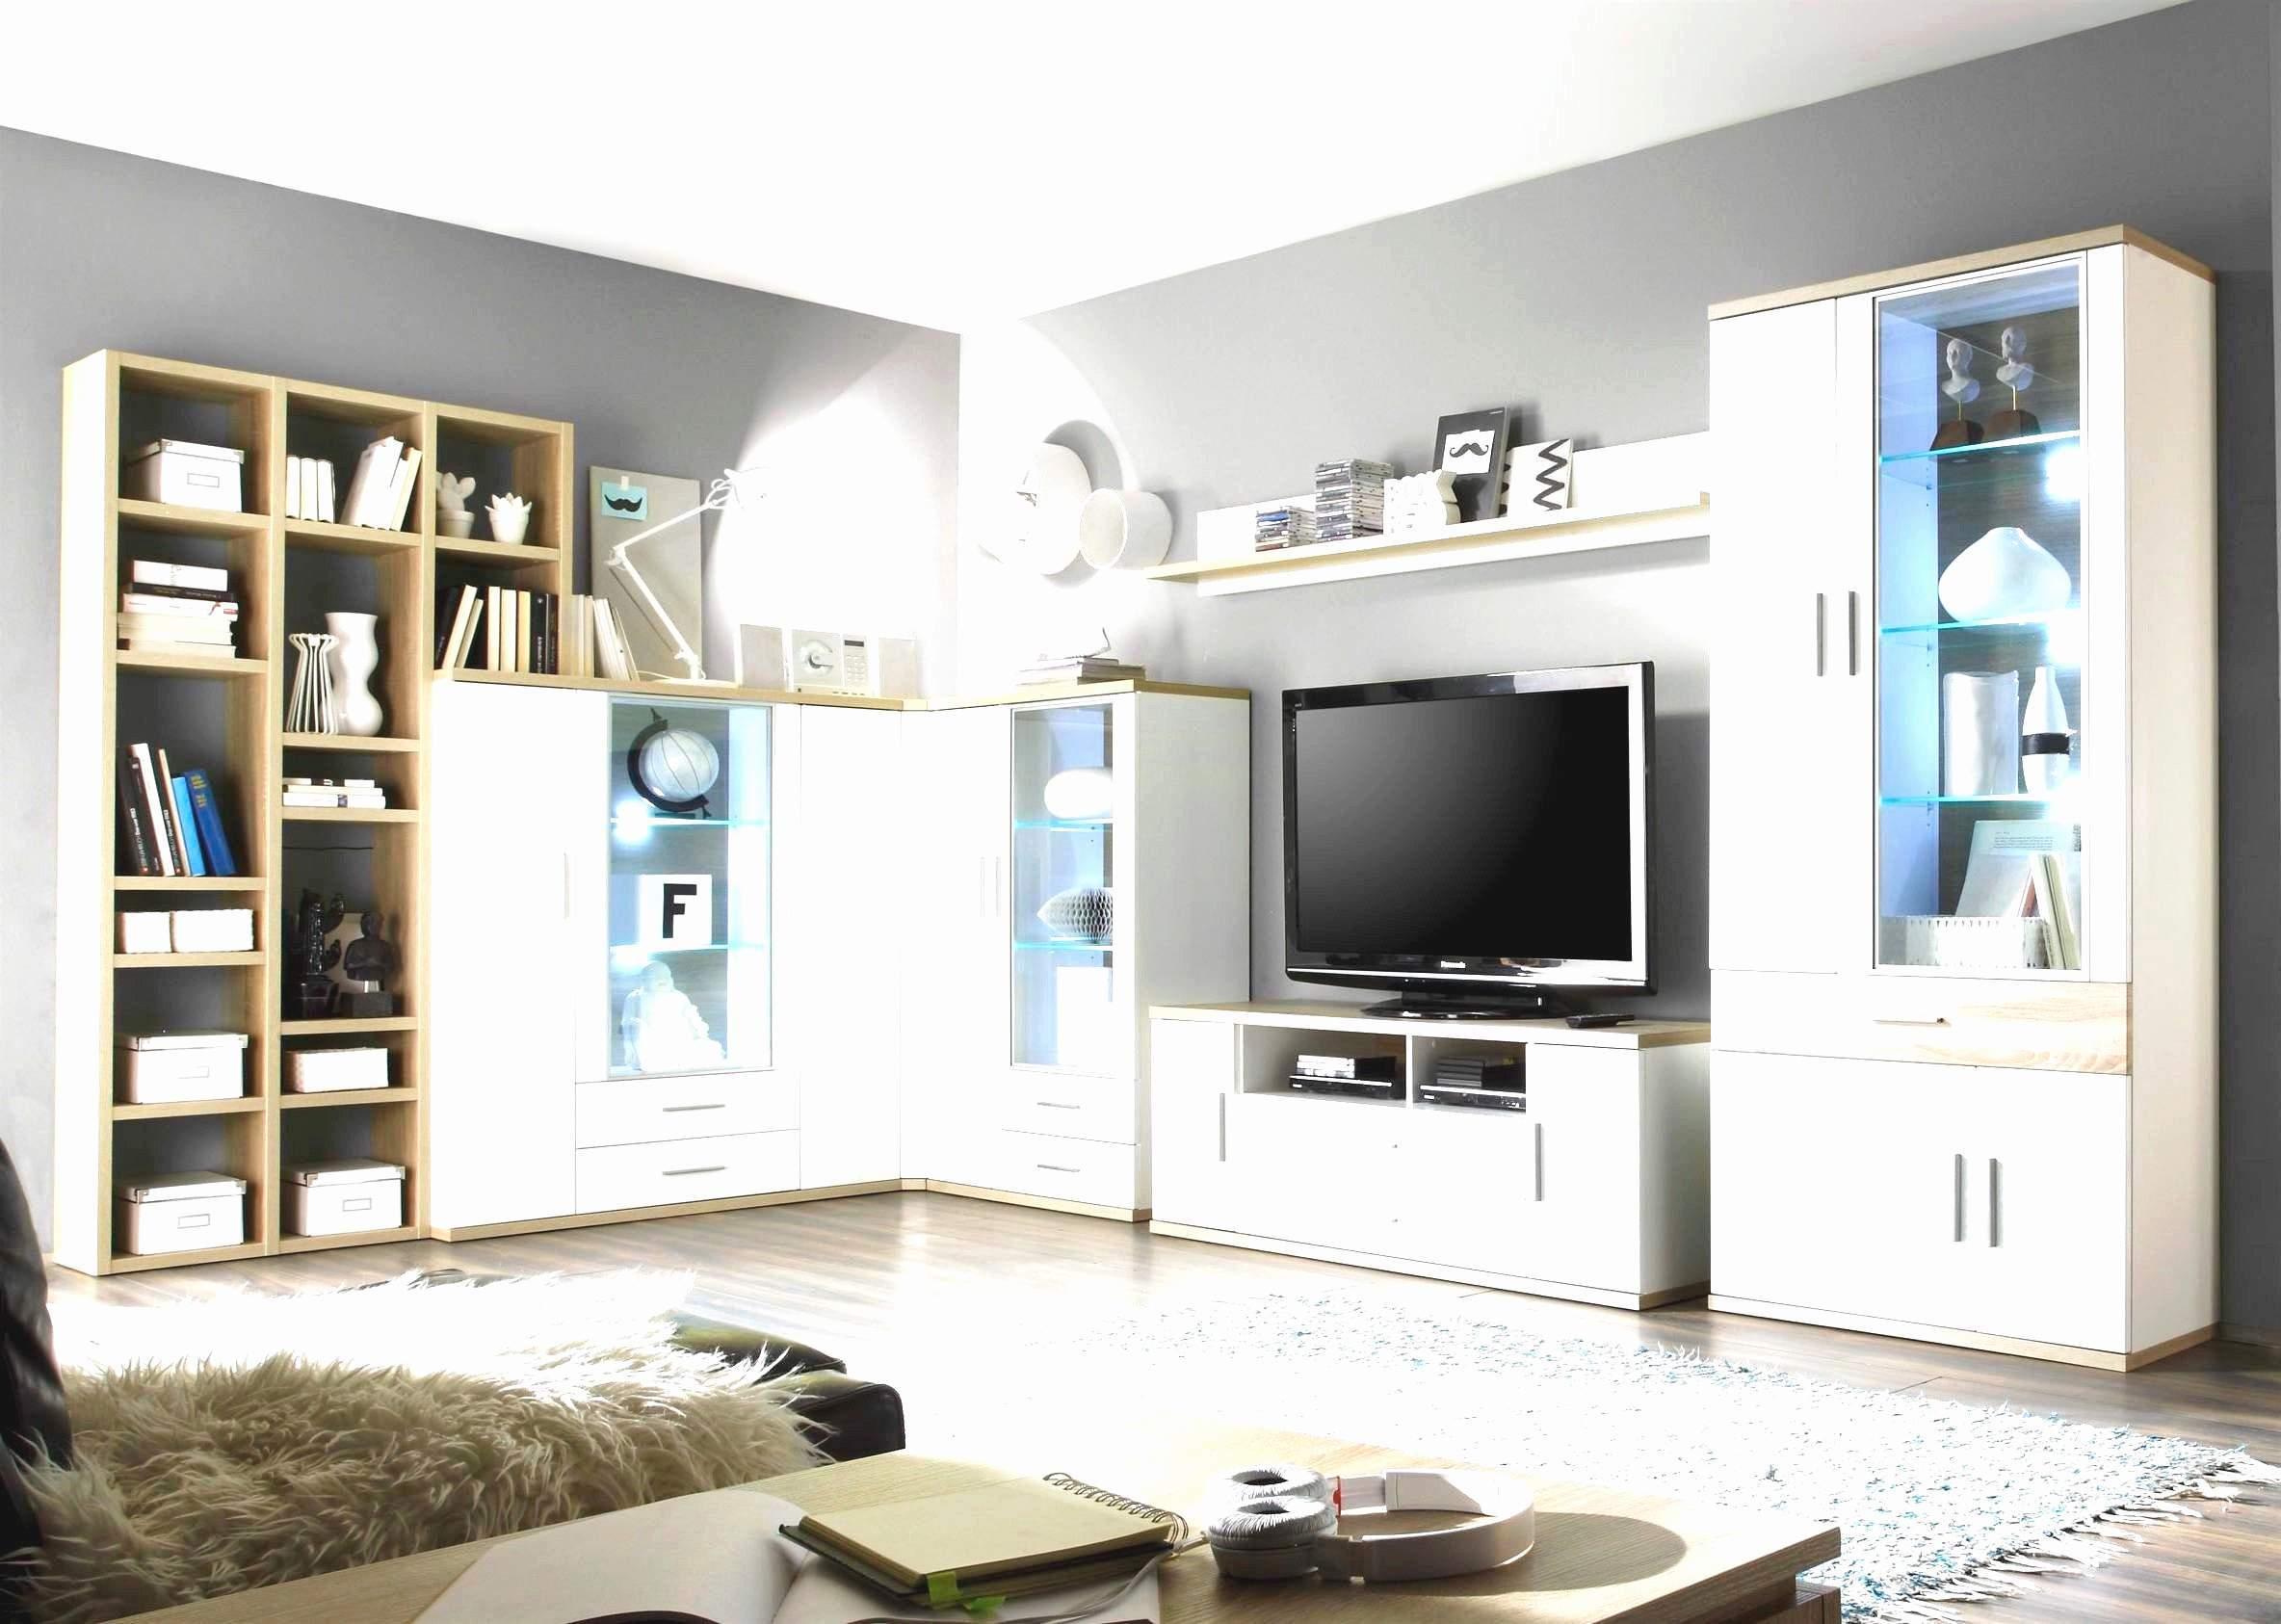 Full Size of Wohnzimmer Wohnwand Reizend Schön Wohnzimmer Wohnwand Wohnzimmer Wohnzimmer Wohnwand